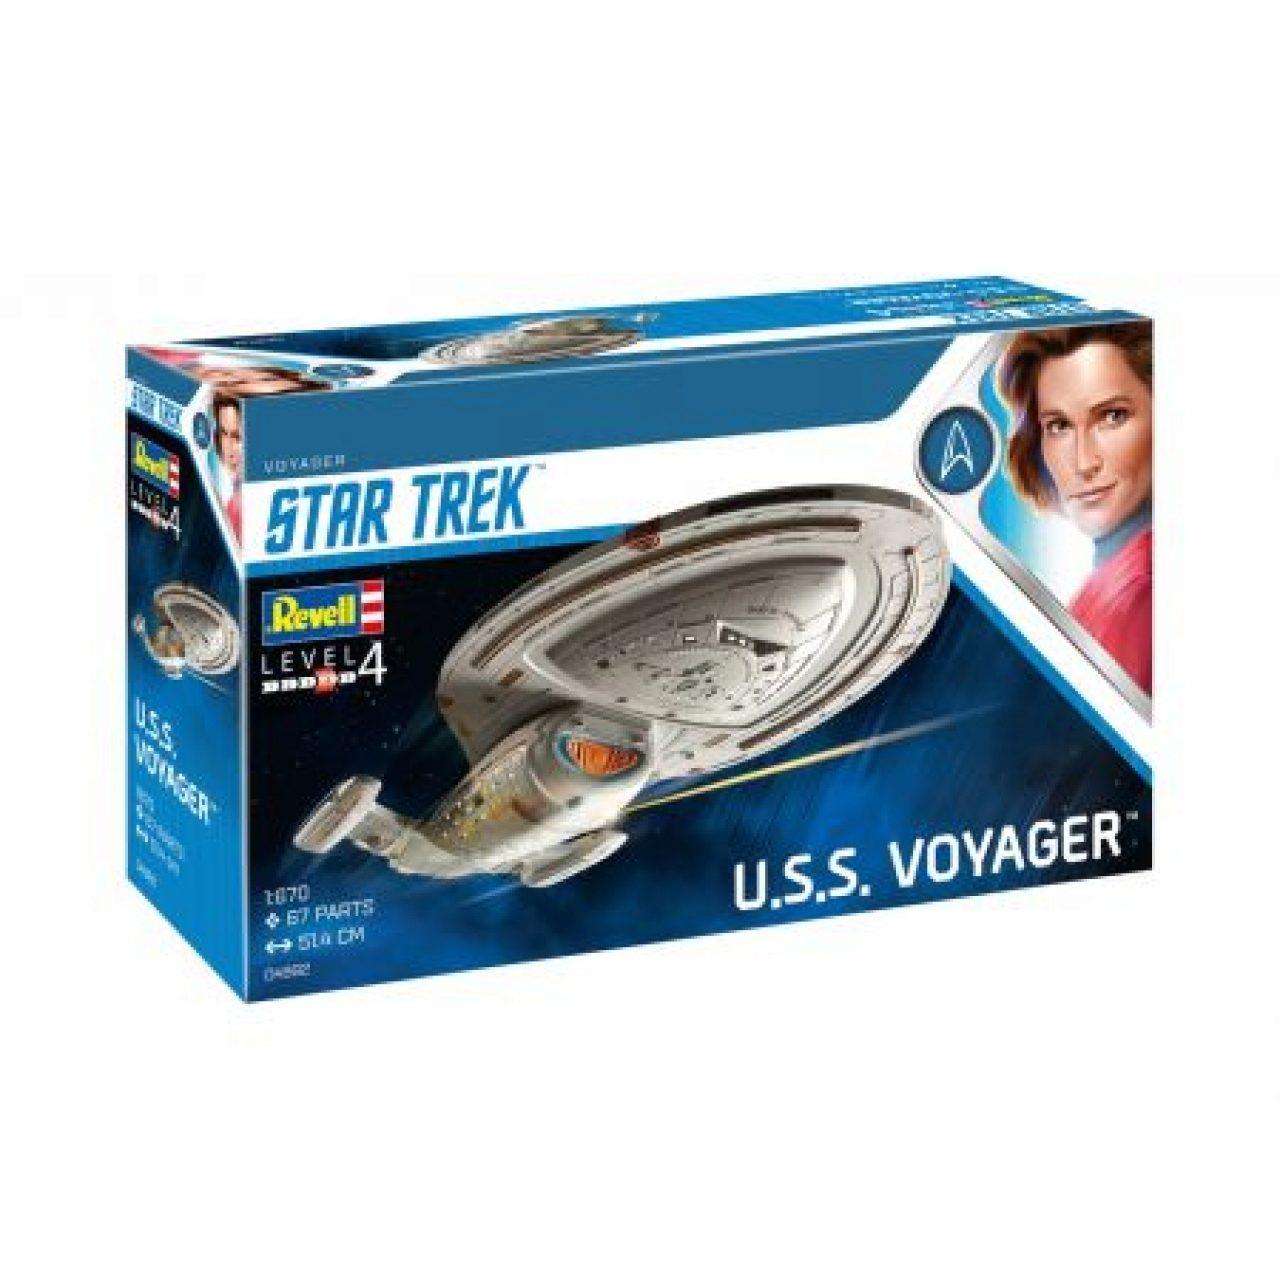 Revell U.S.S. Voyager (04992) Flugmodell Bausatz für 13,80€ + Versand